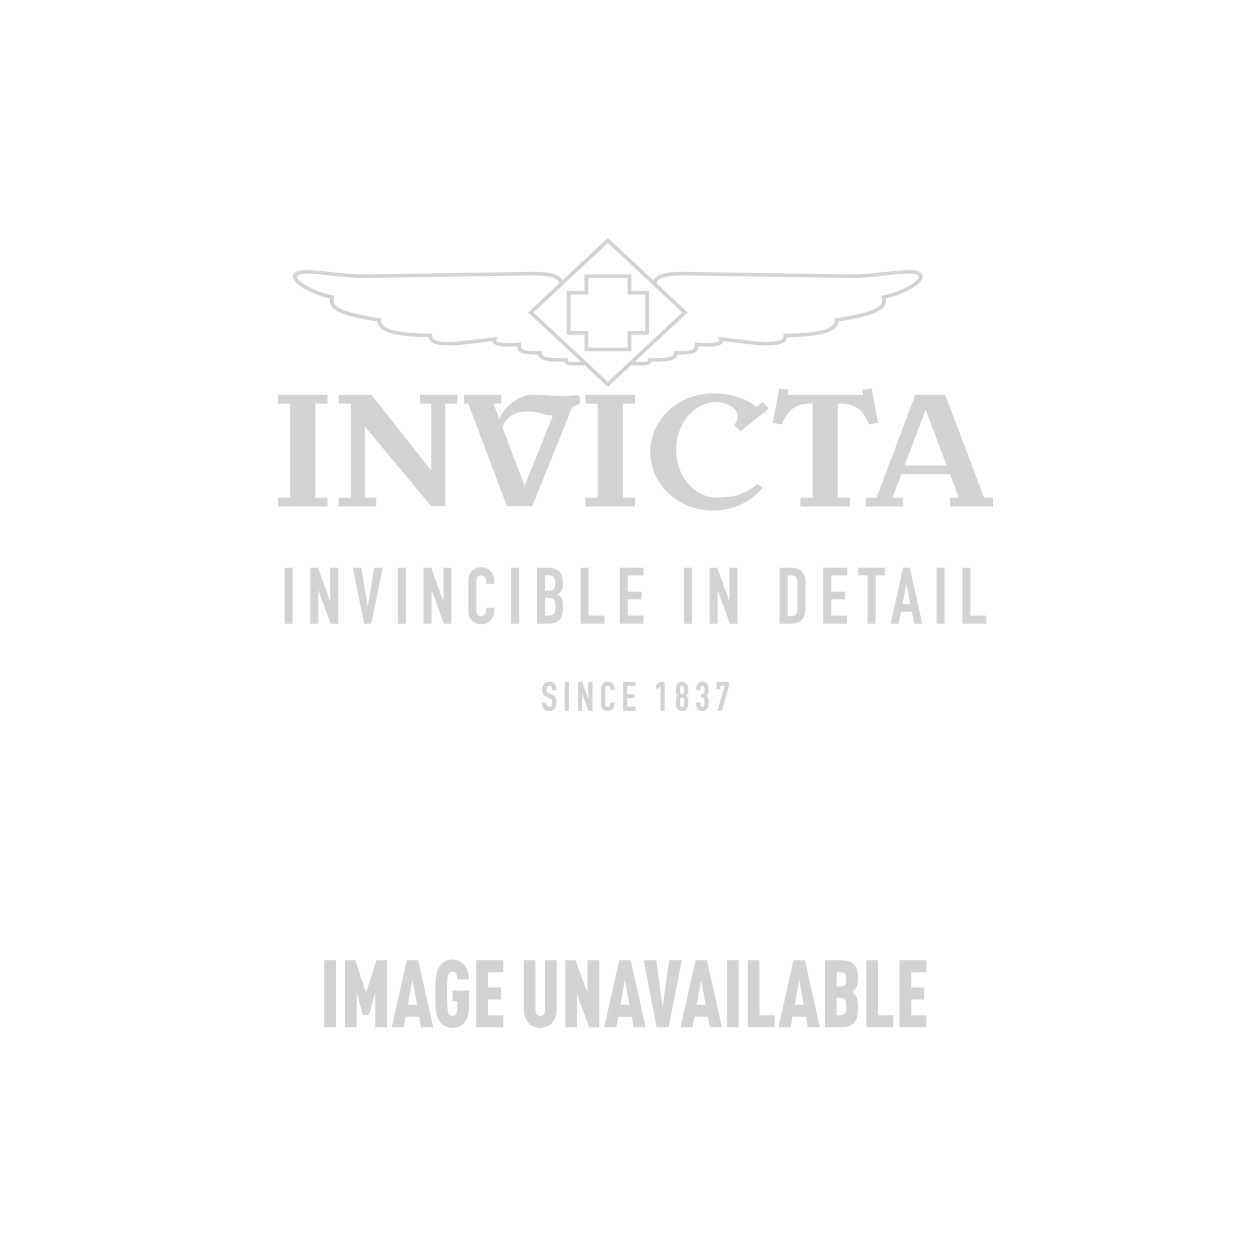 Invicta Model 25345